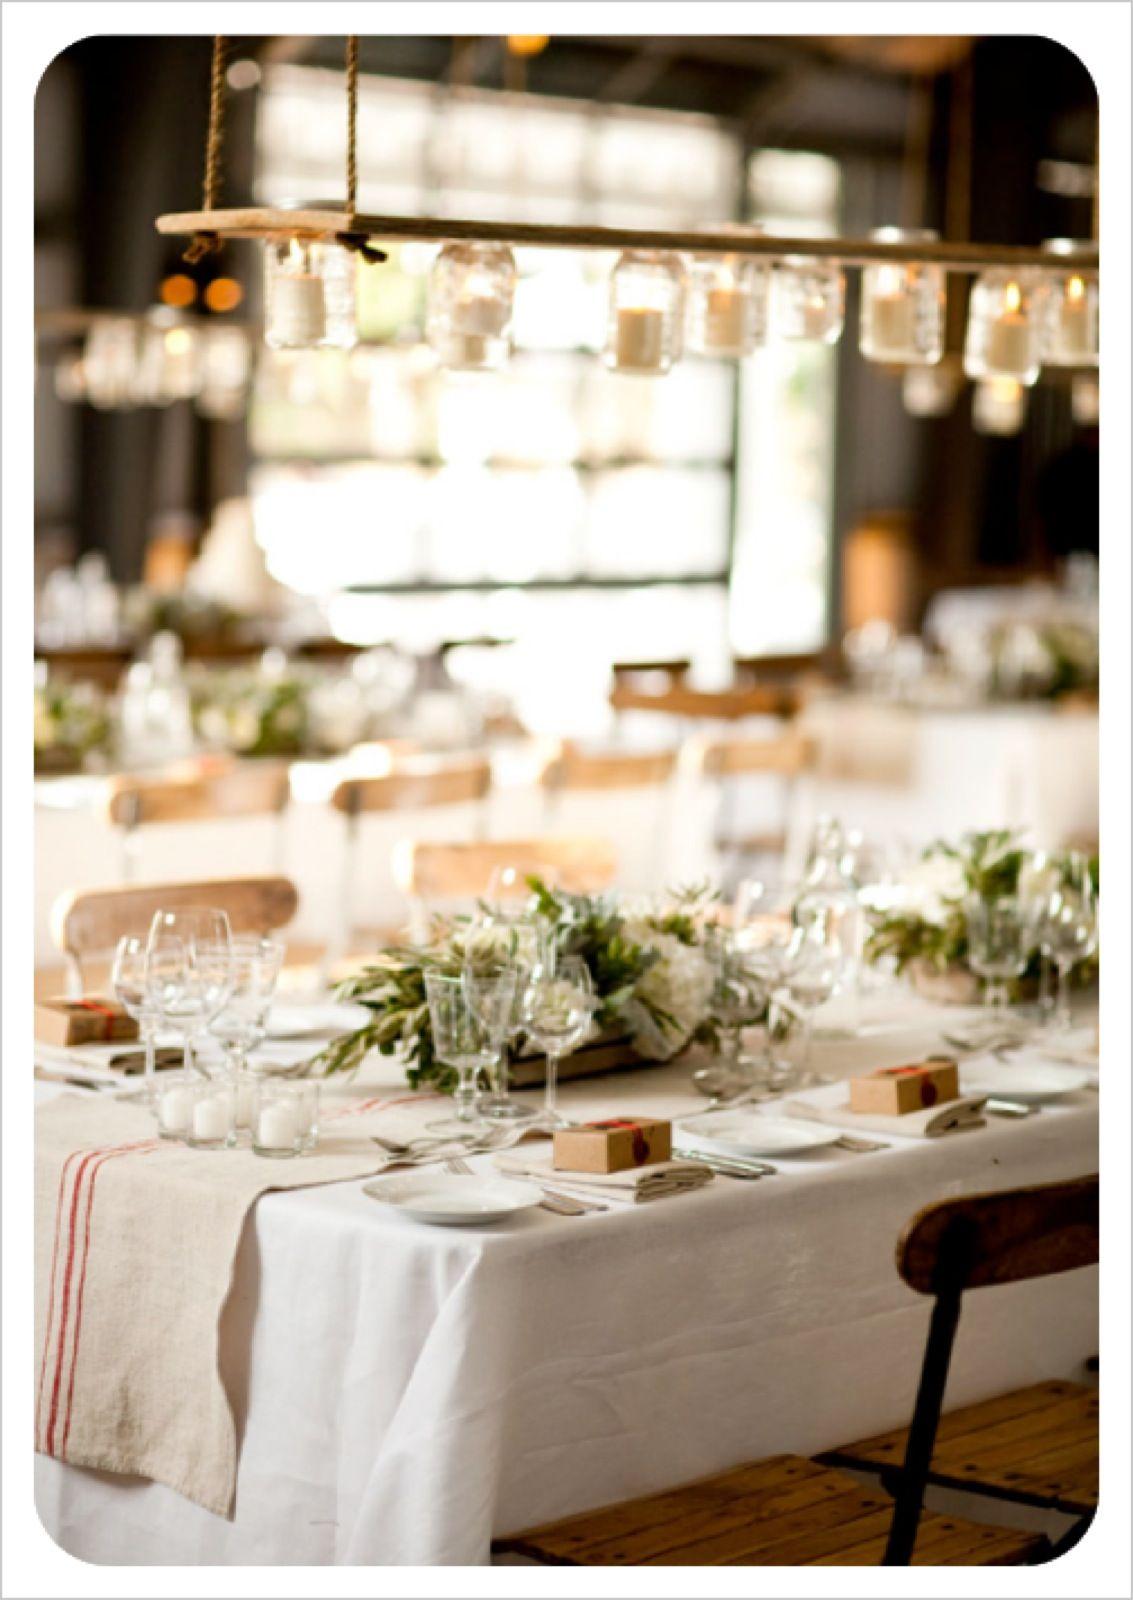 long table setup wedding reception%0A Natural wedding decor